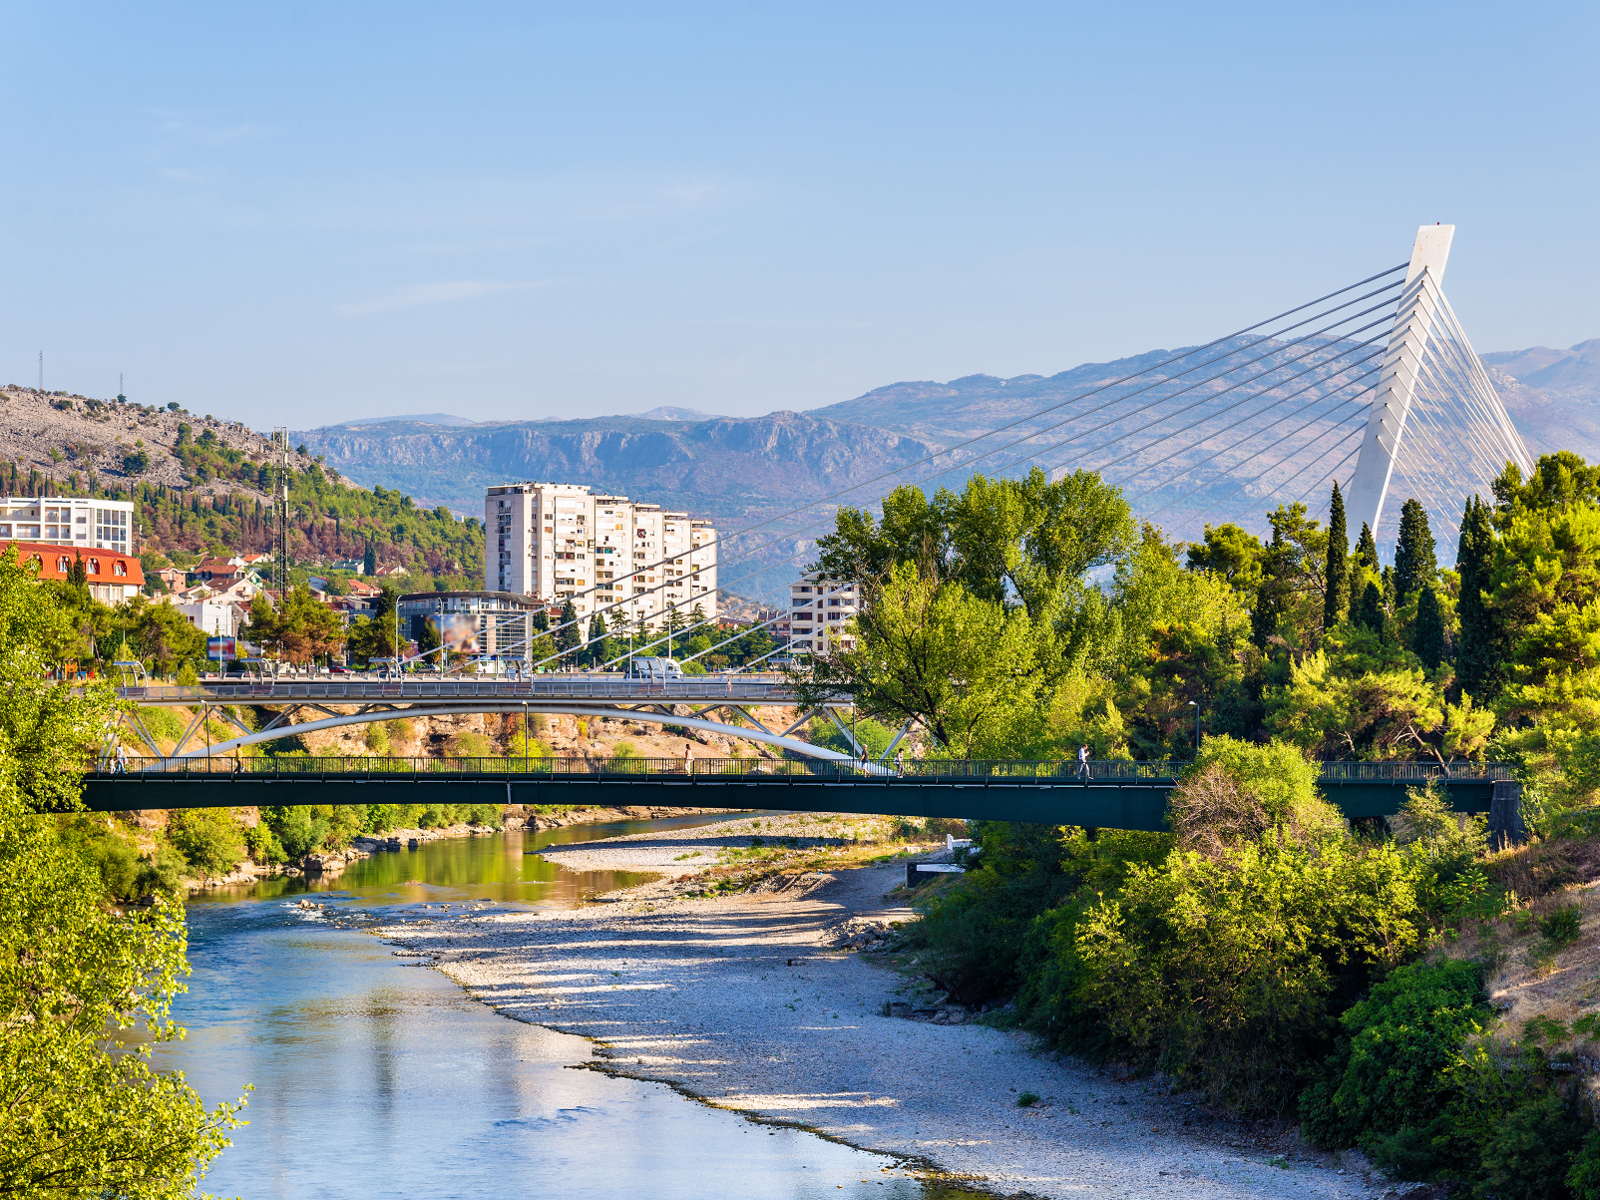 millenium_bridge_podgorica_montenegro_b6886726f448.jpg